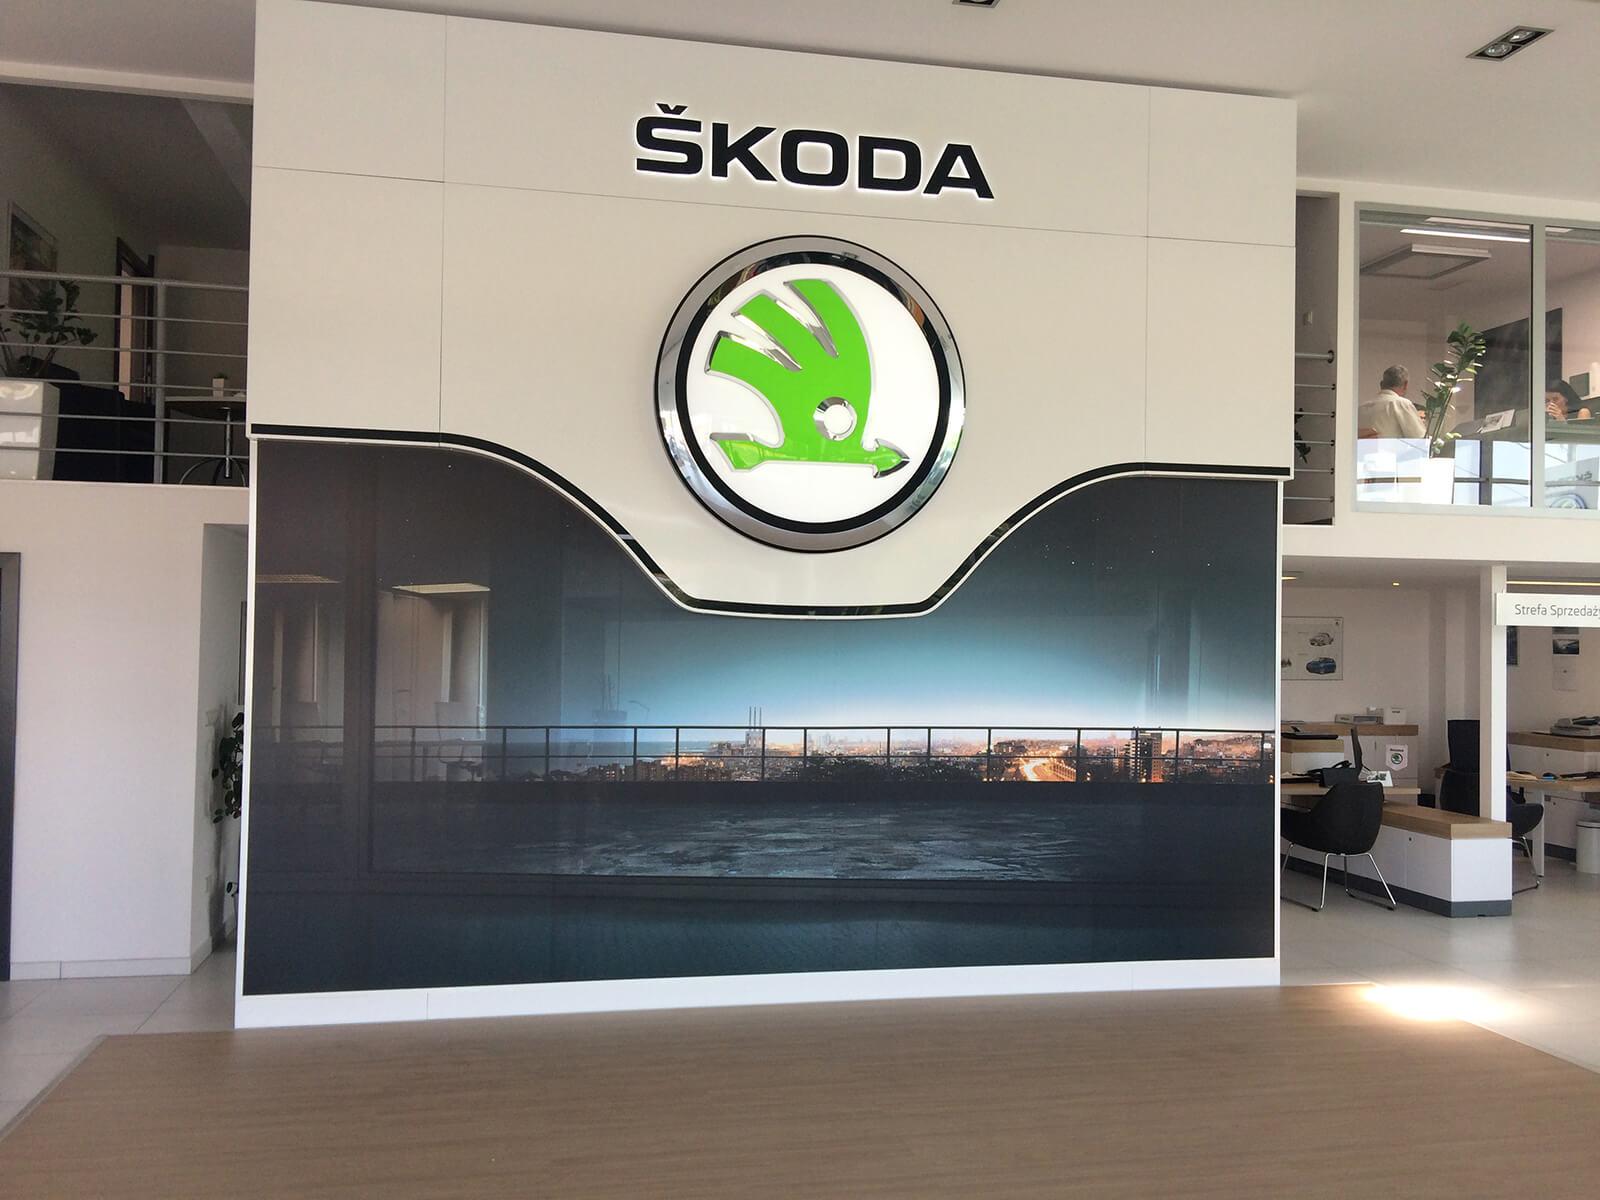 Rama reklamowa bannergear™ model High Dimension - Realizacja Salon Skoda